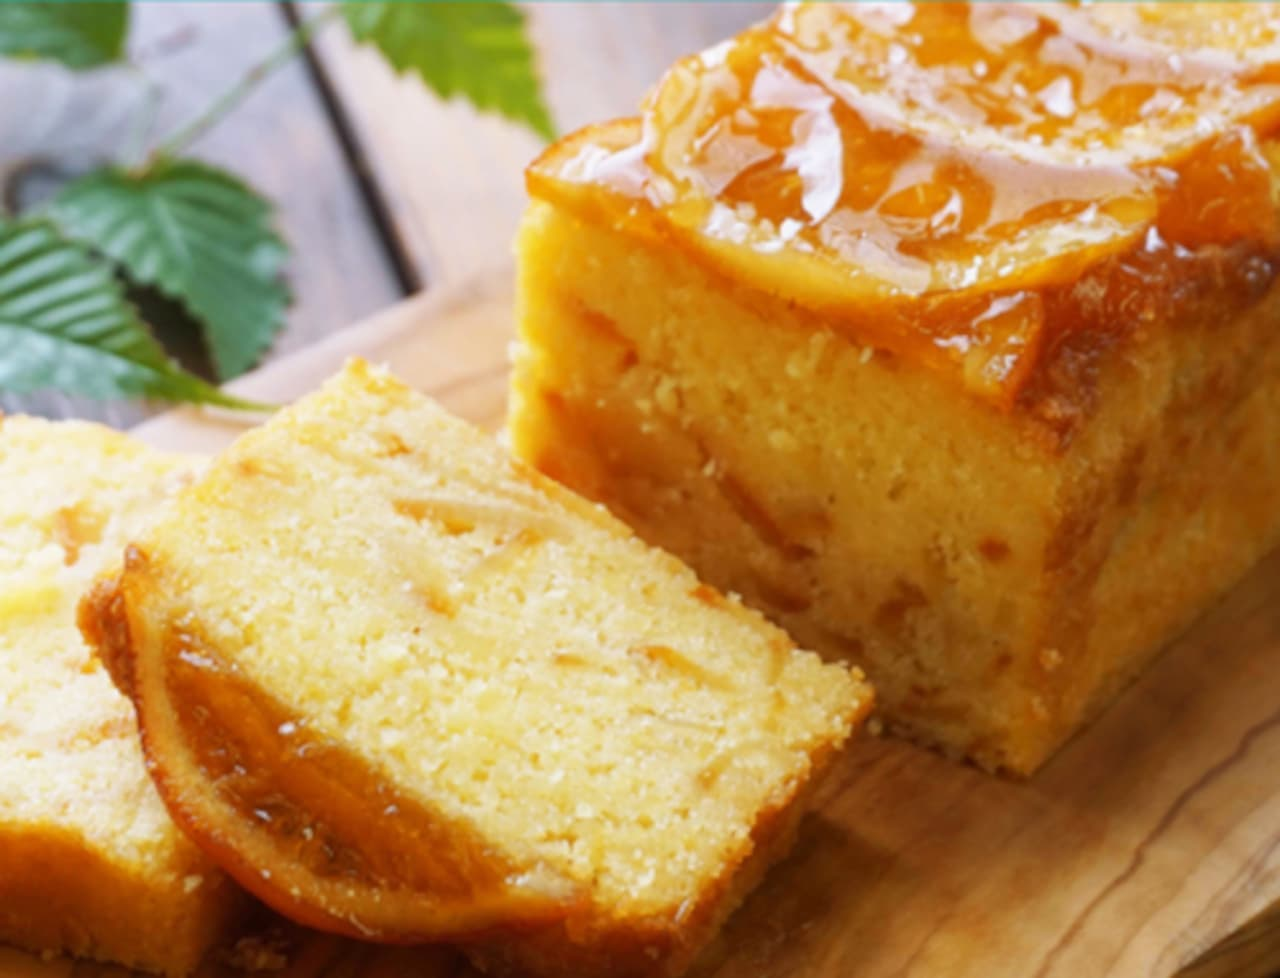 「成城石井自家製 オレンジケーキ」成城石井店頭受取WEB予約サービスに